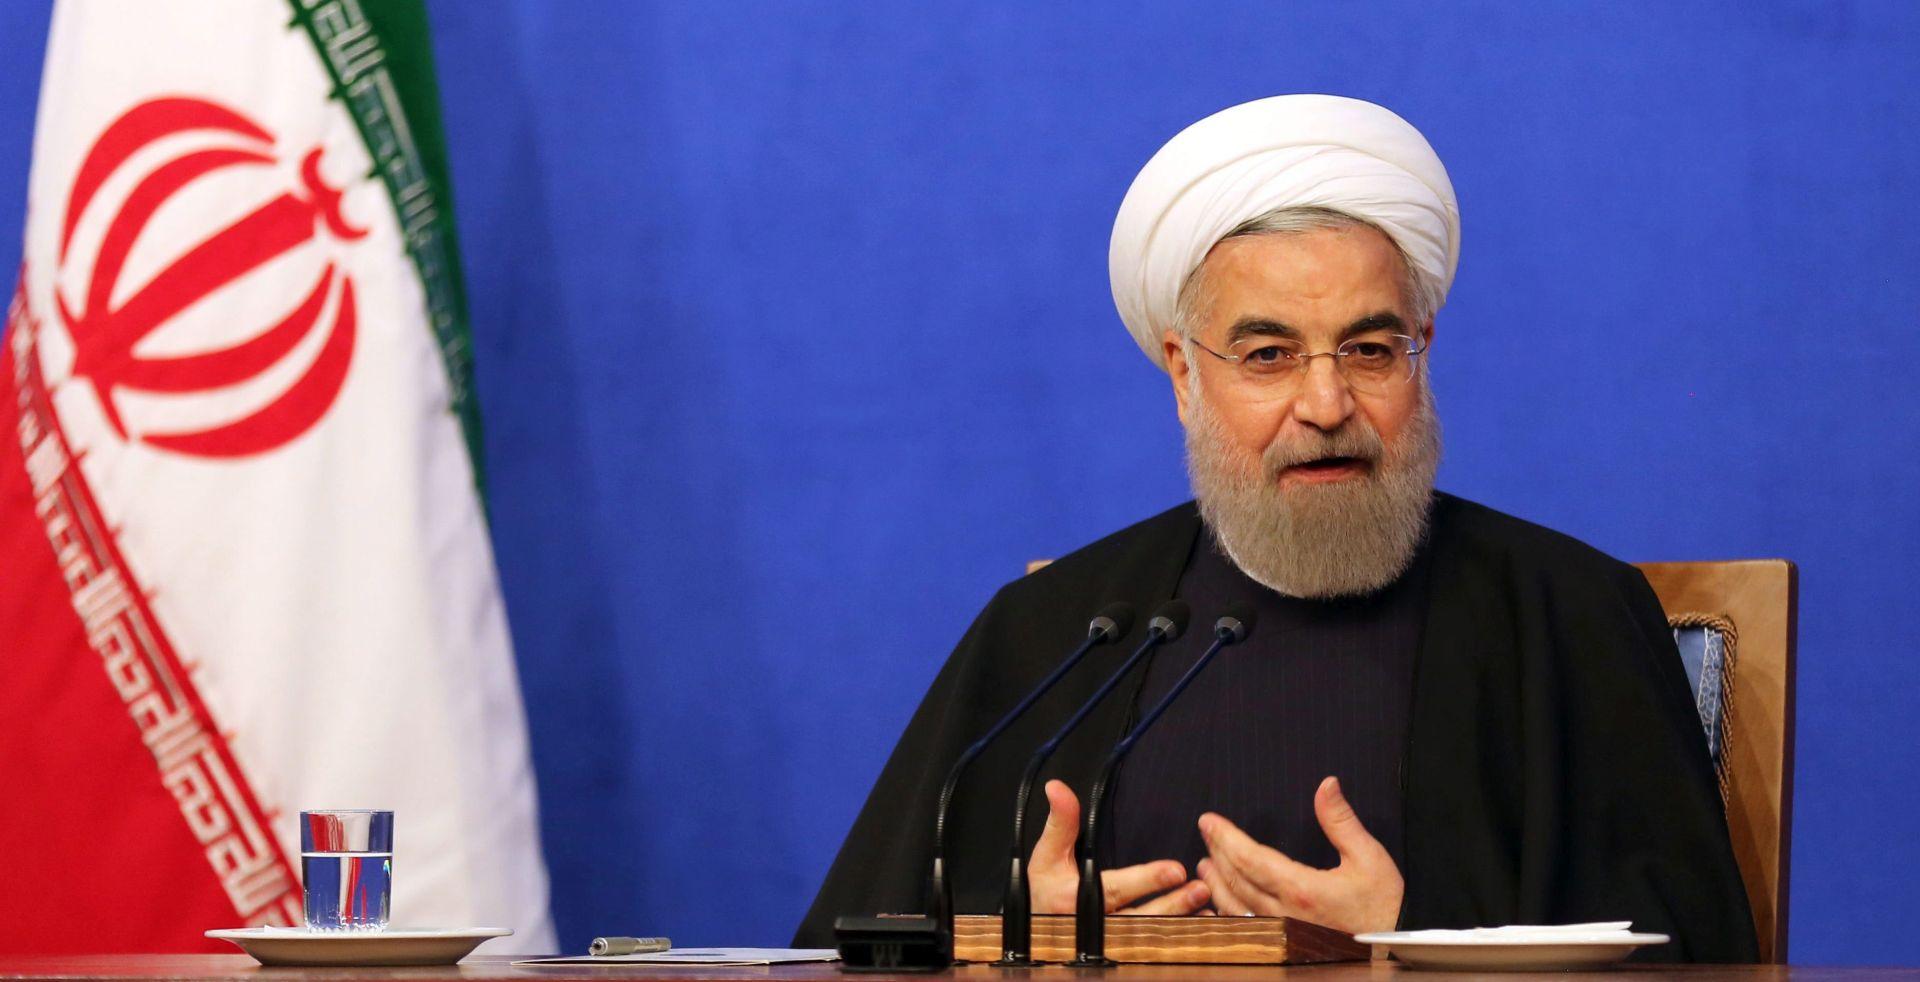 BOLJI DIPLOMATSKI ODNOSI: Rouhani u Perzijskom zaljevu kako bi otklonio nesporazume